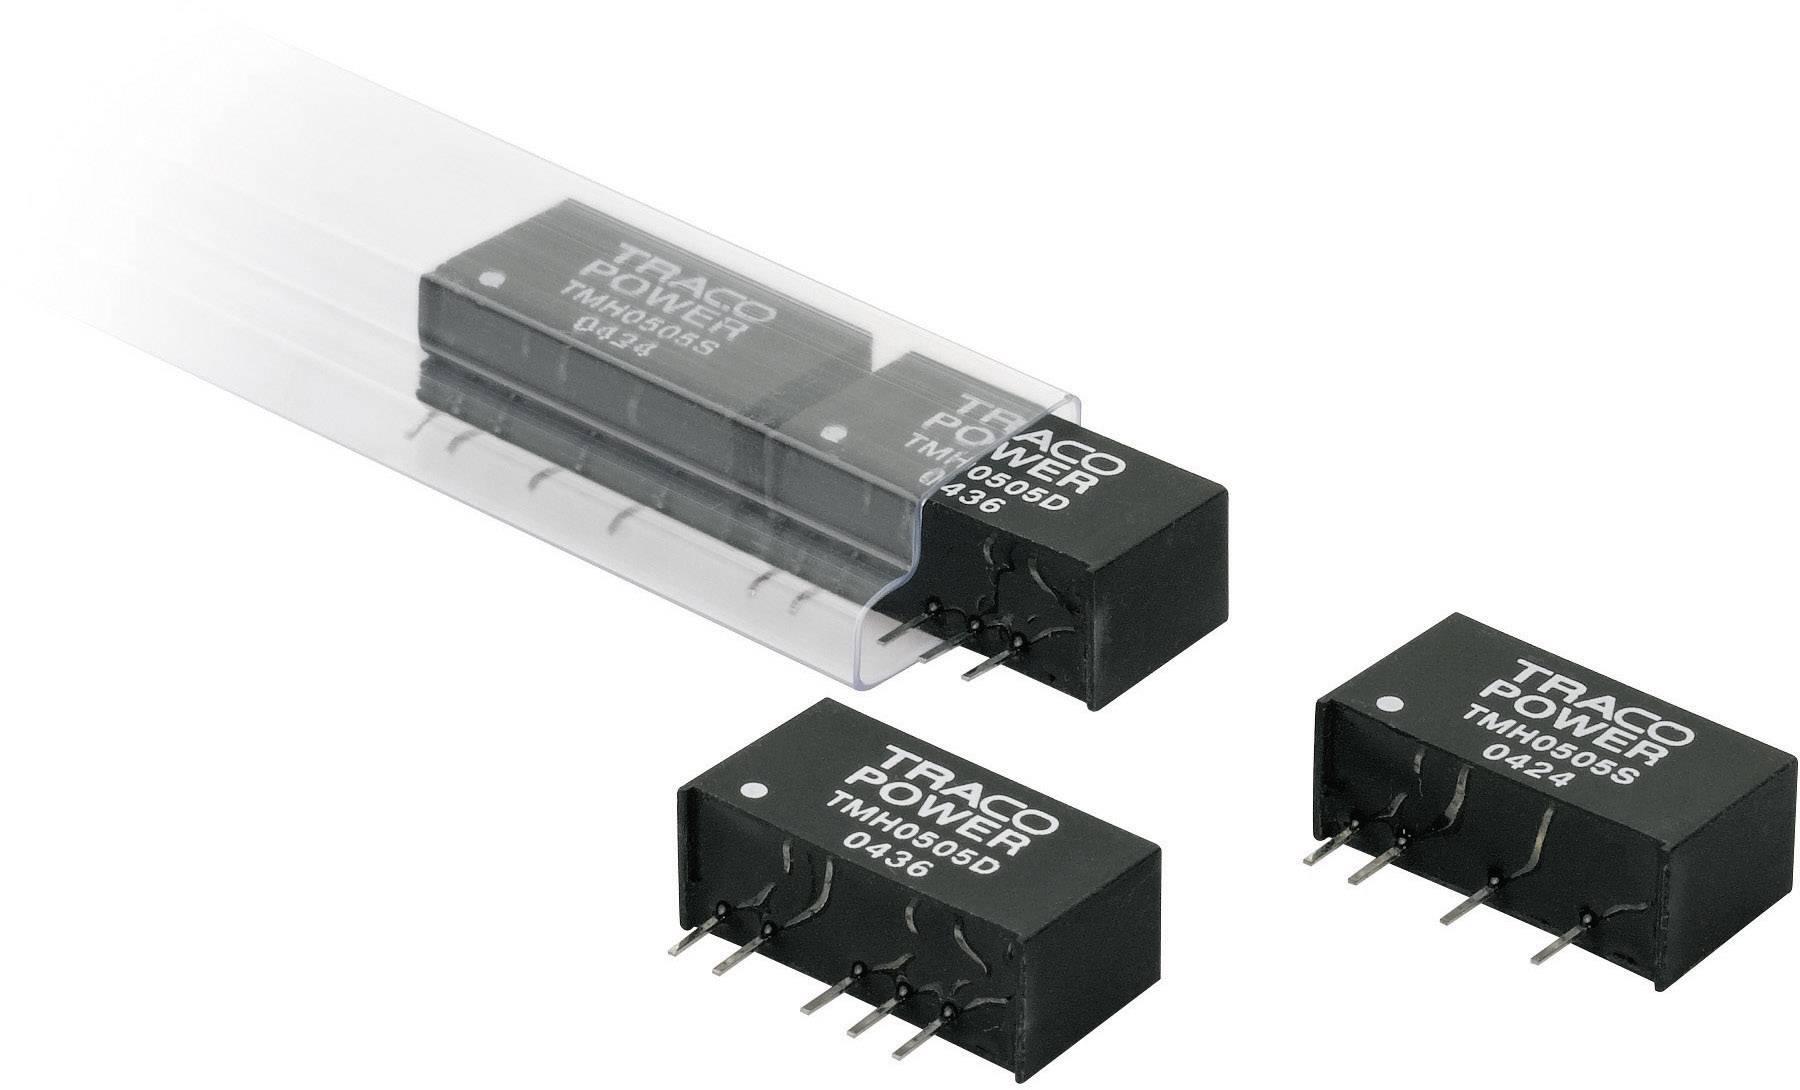 DC/DC měnič TracoPower TMH 1212S, vstup 12 V/DC, výstup 12 V/DC, 165 mA, 2 W